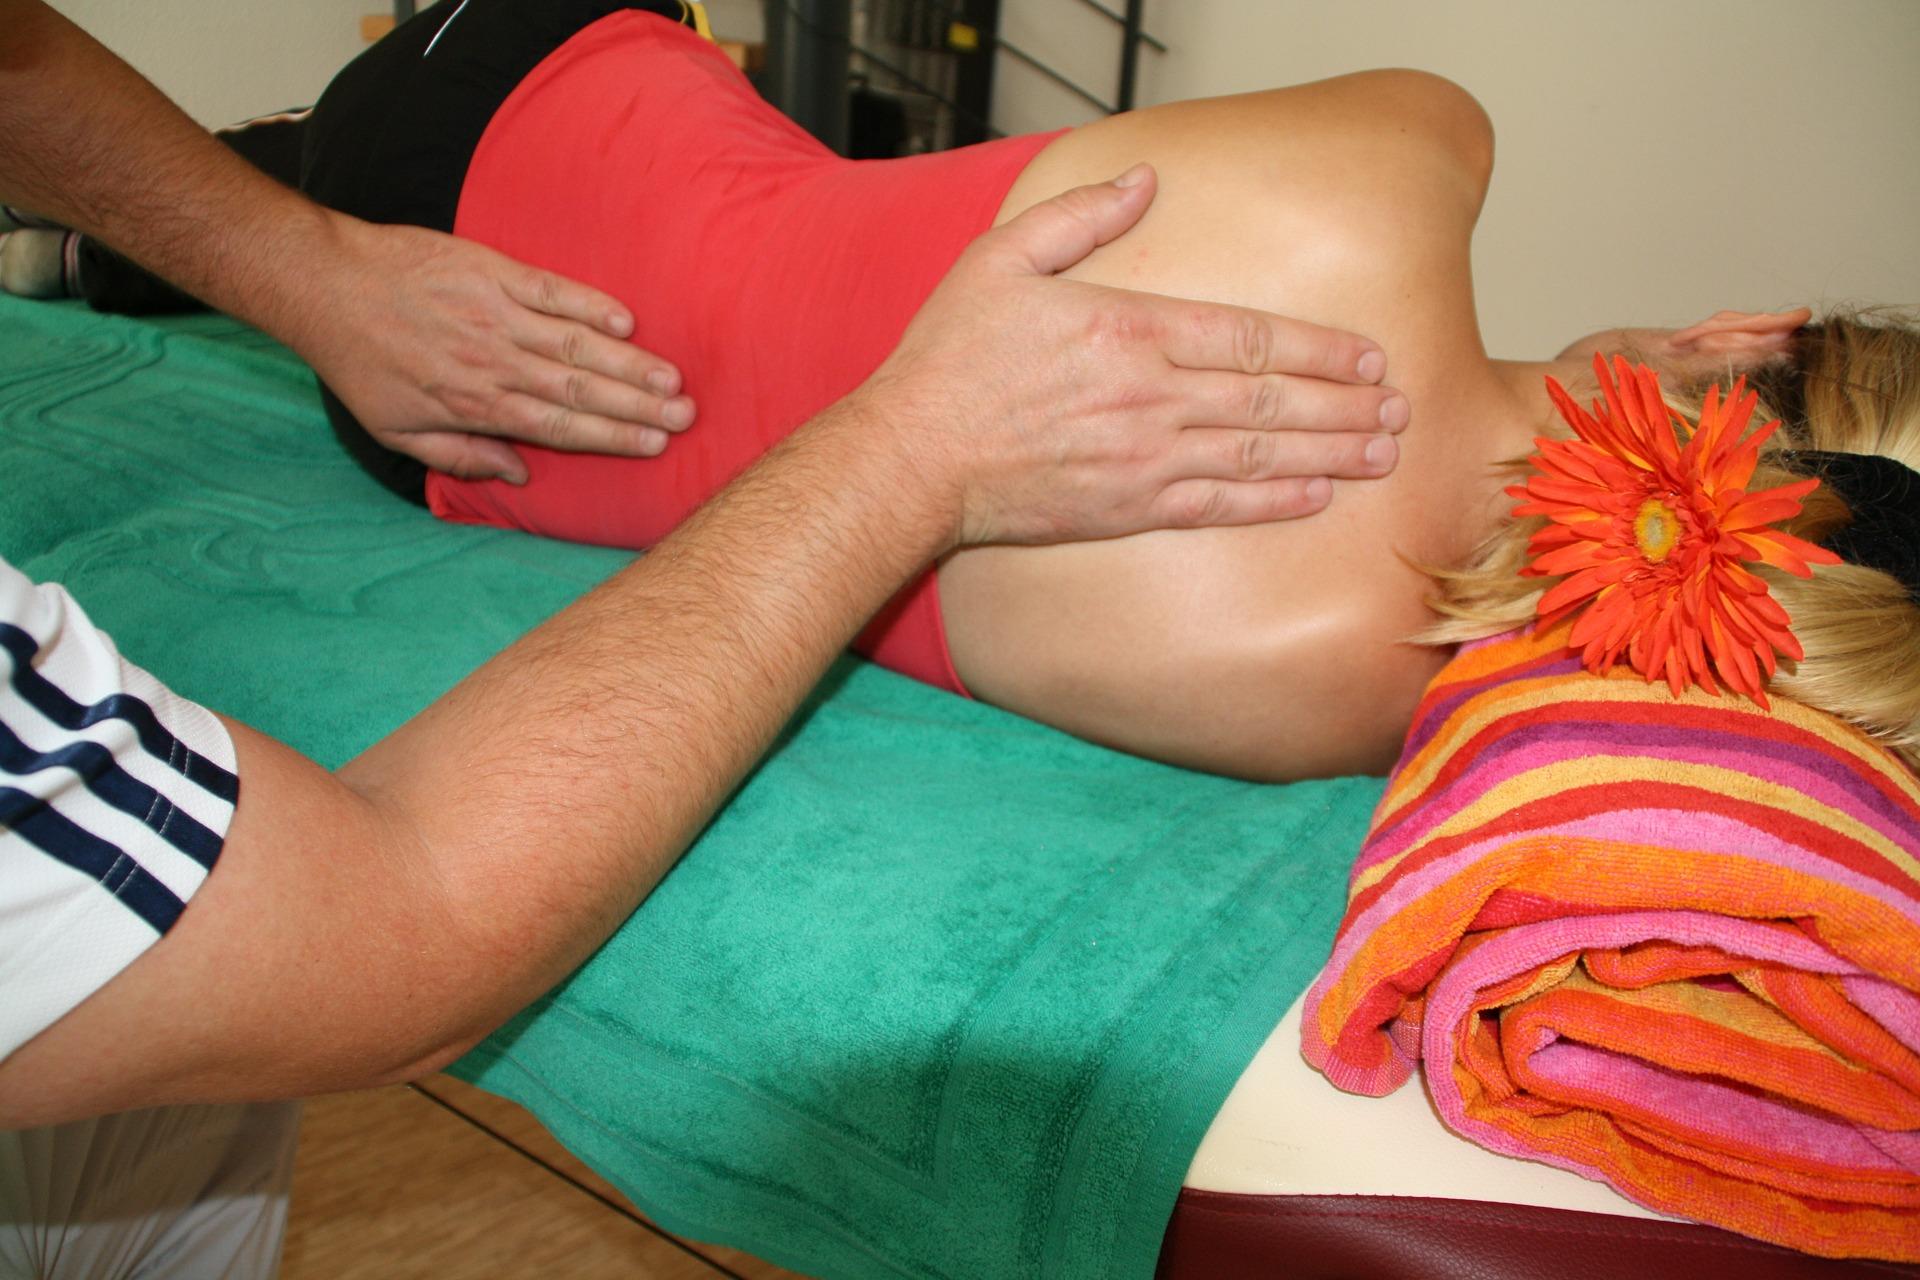 massage-486702_1920